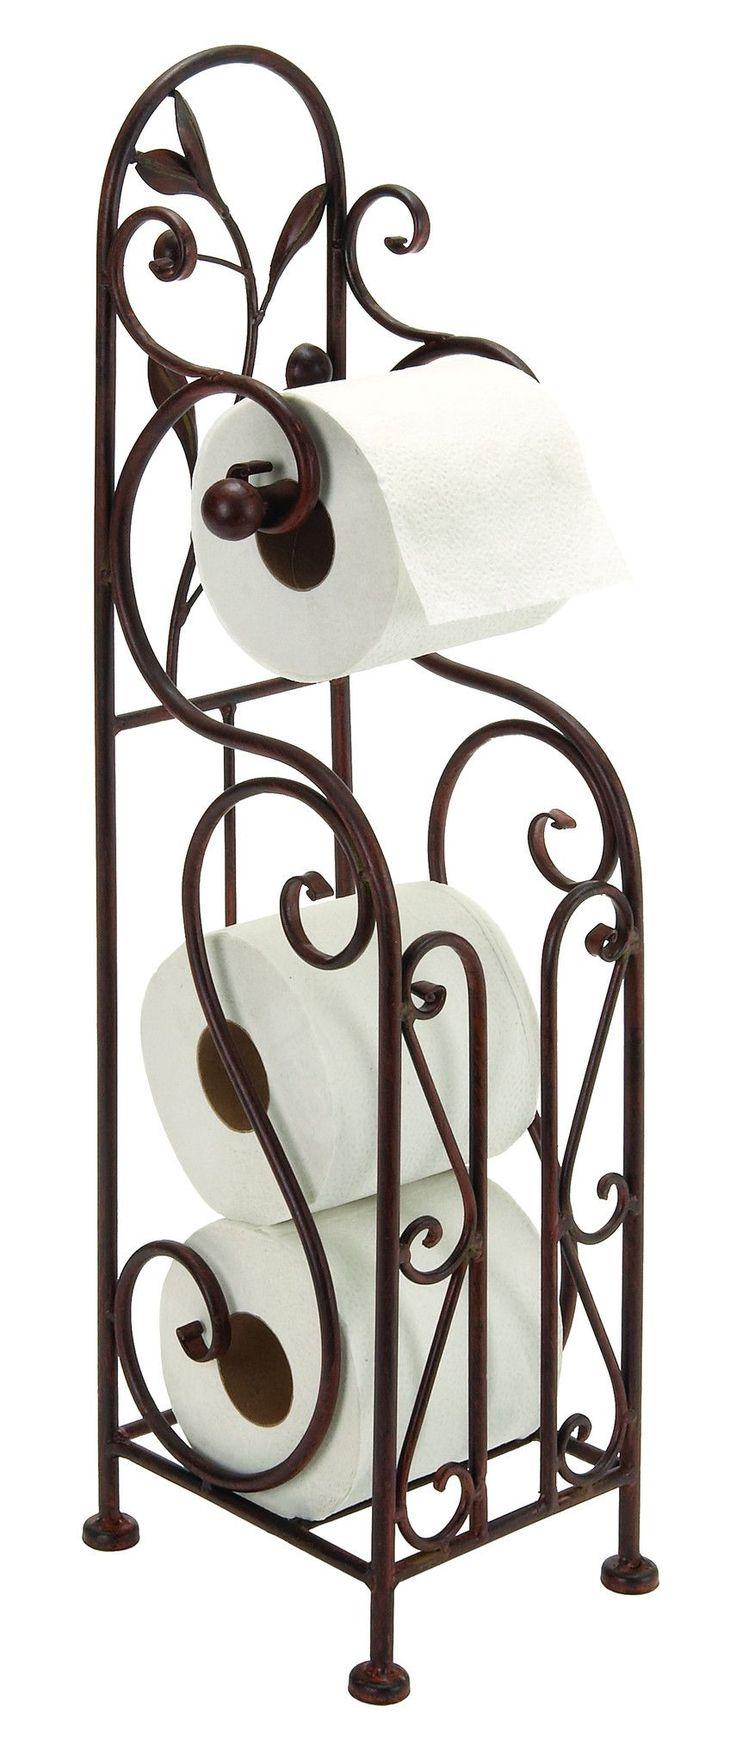 Metal Toilet Paper Holder For Batdecorahroom ? Toilet Furnishing